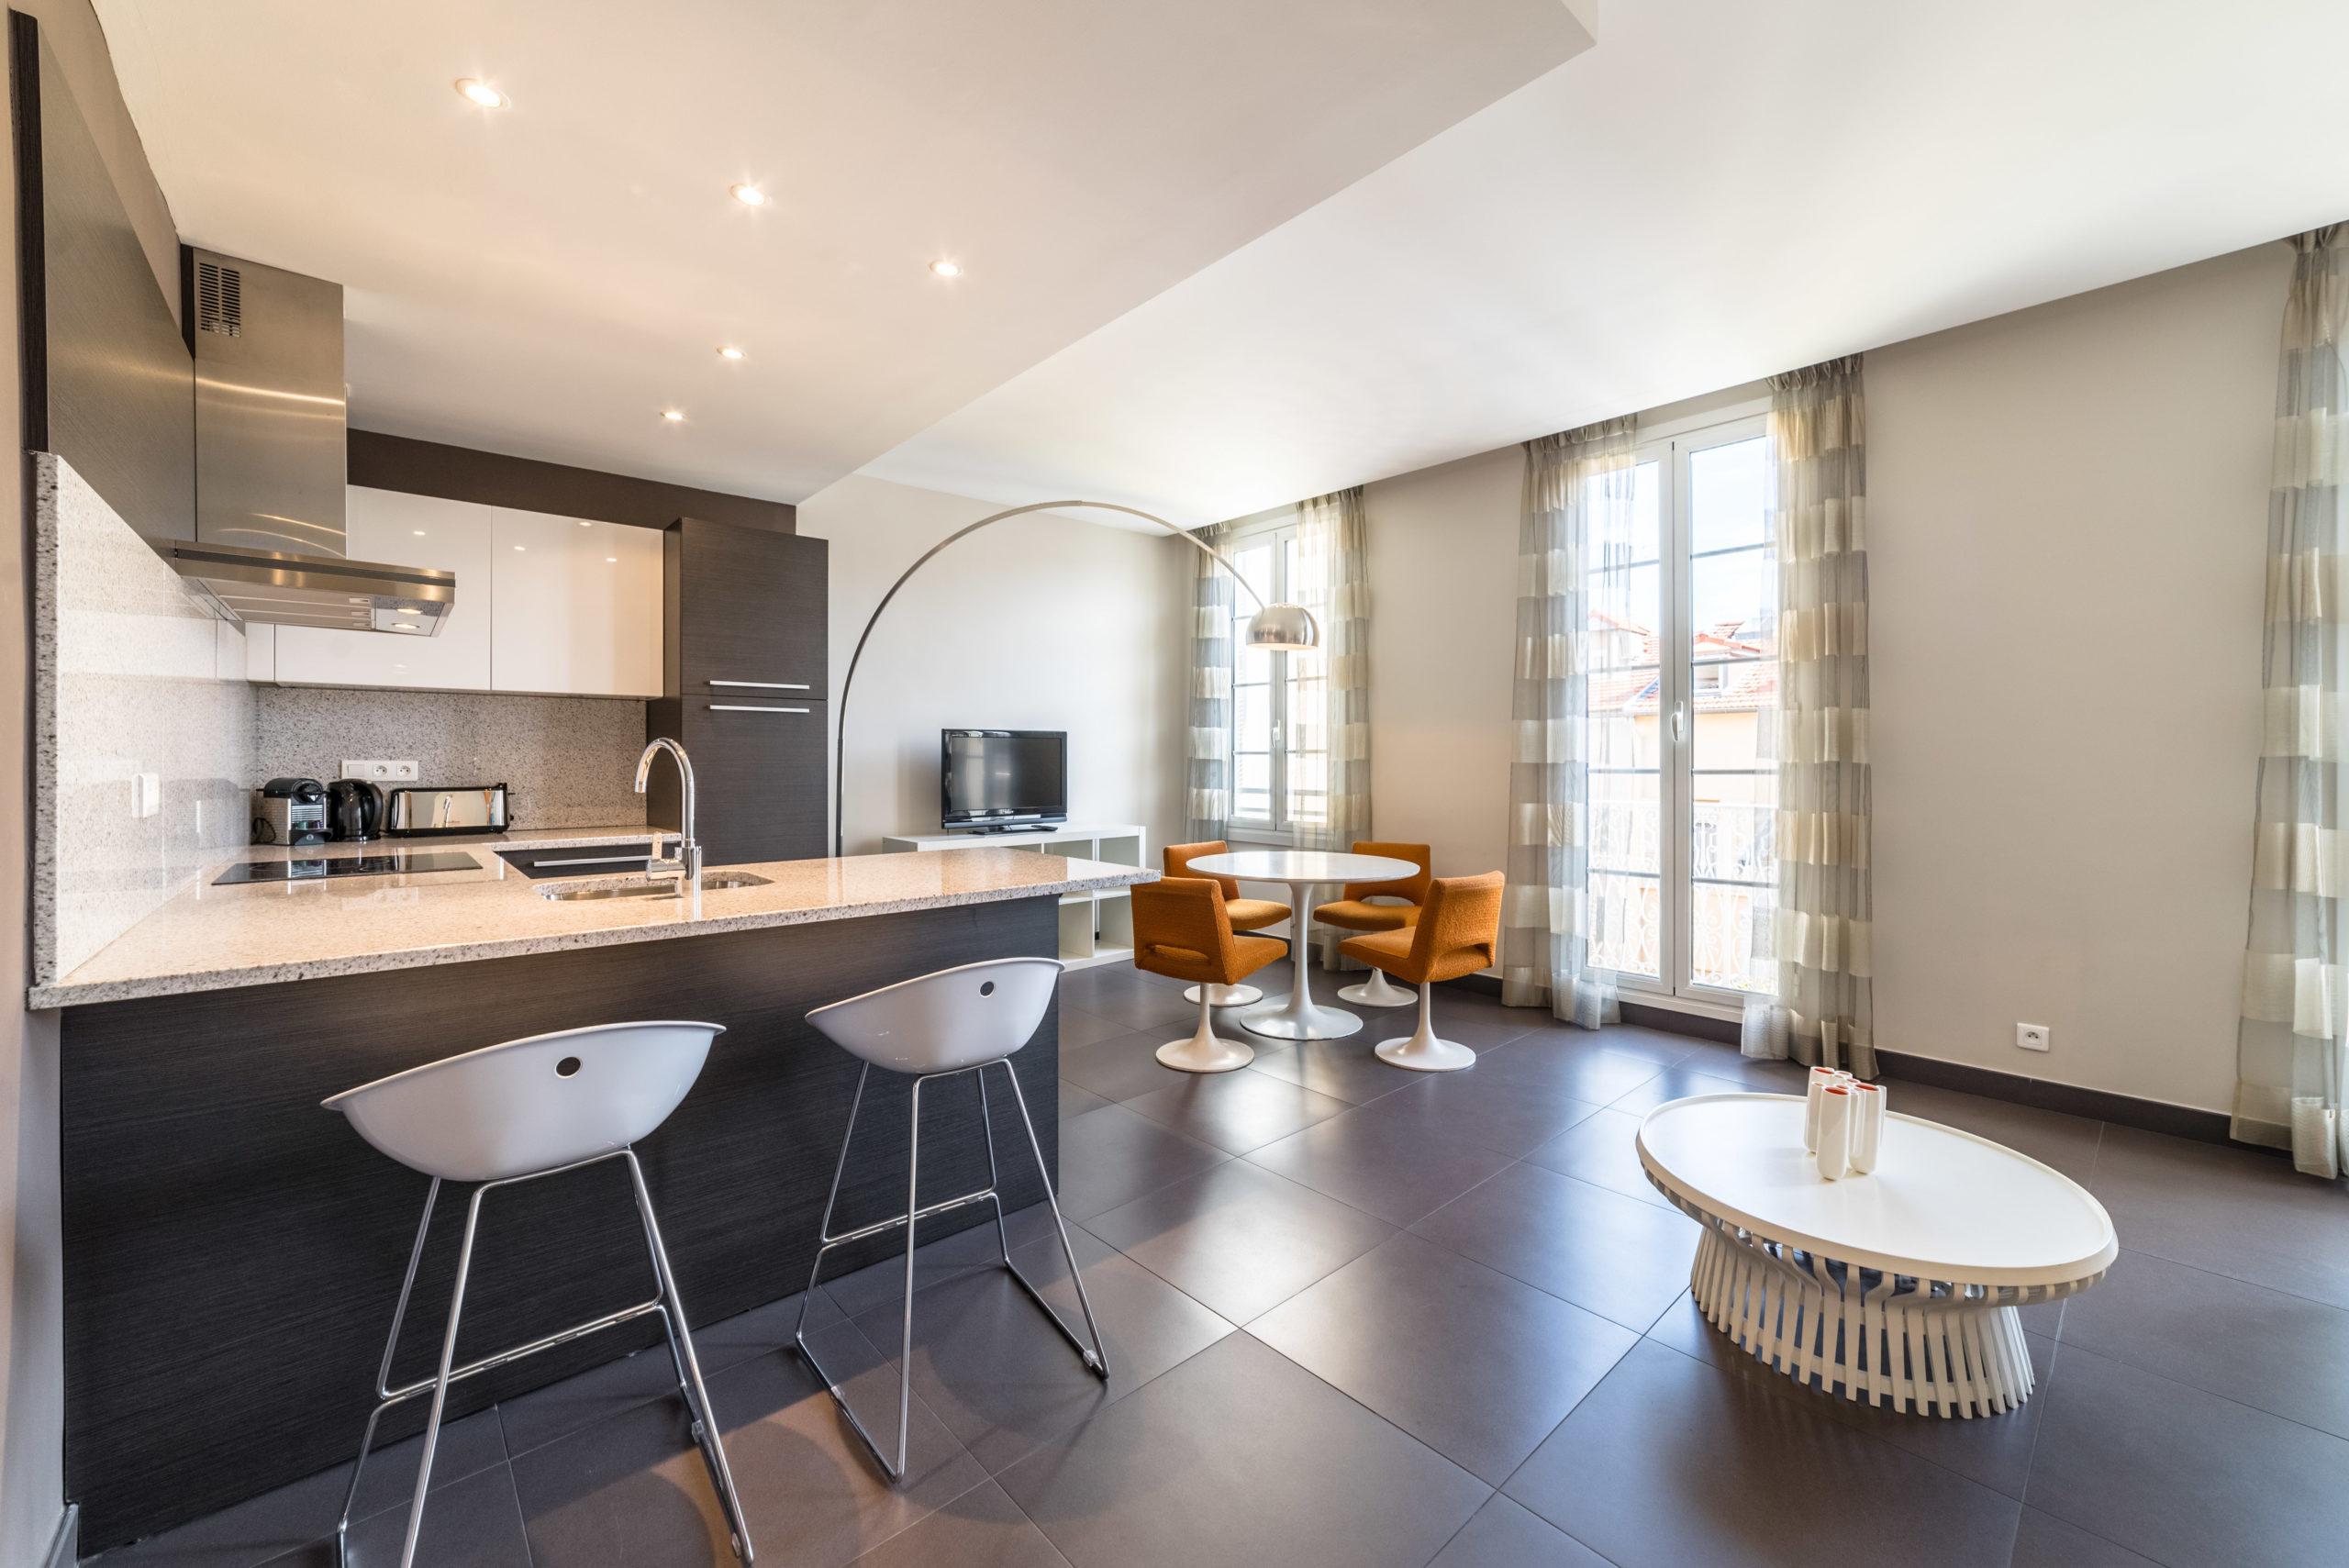 Rénovation maison cuisine salon 78 Jouy-en-Josas - Quilici Rénovation